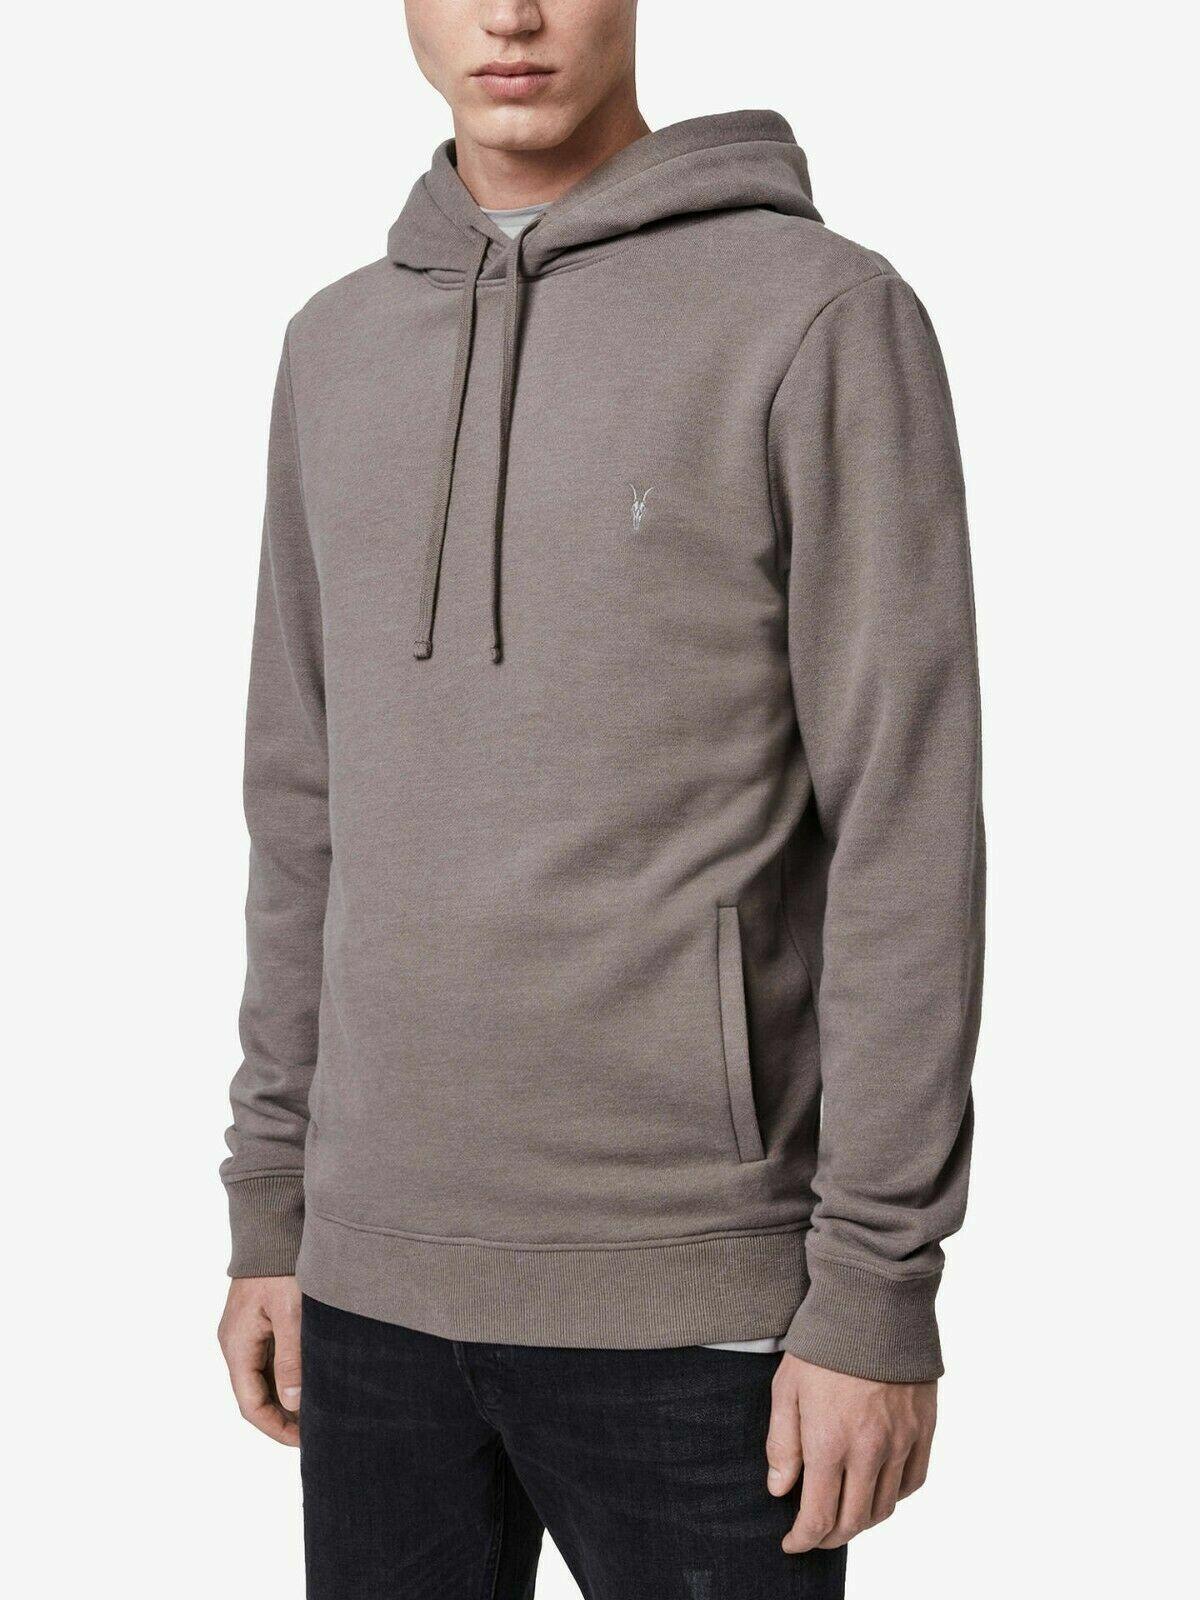 All Saints Mens Hoodie Designer Tile Pullover Overhead Hooded Sweatshirt Hoody